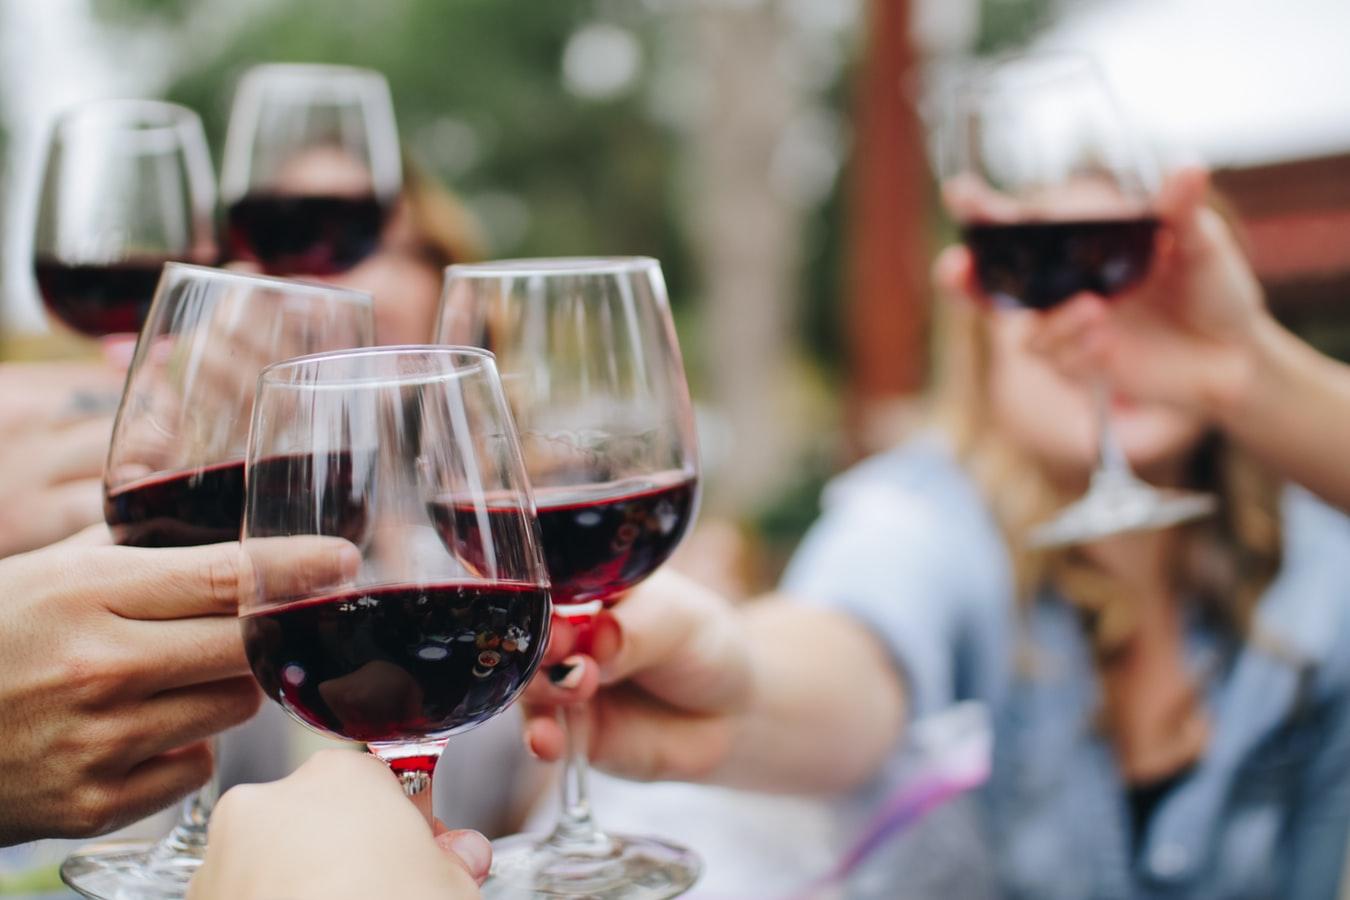 Consommer des boissons alcoolisées : les effets sur notre santé